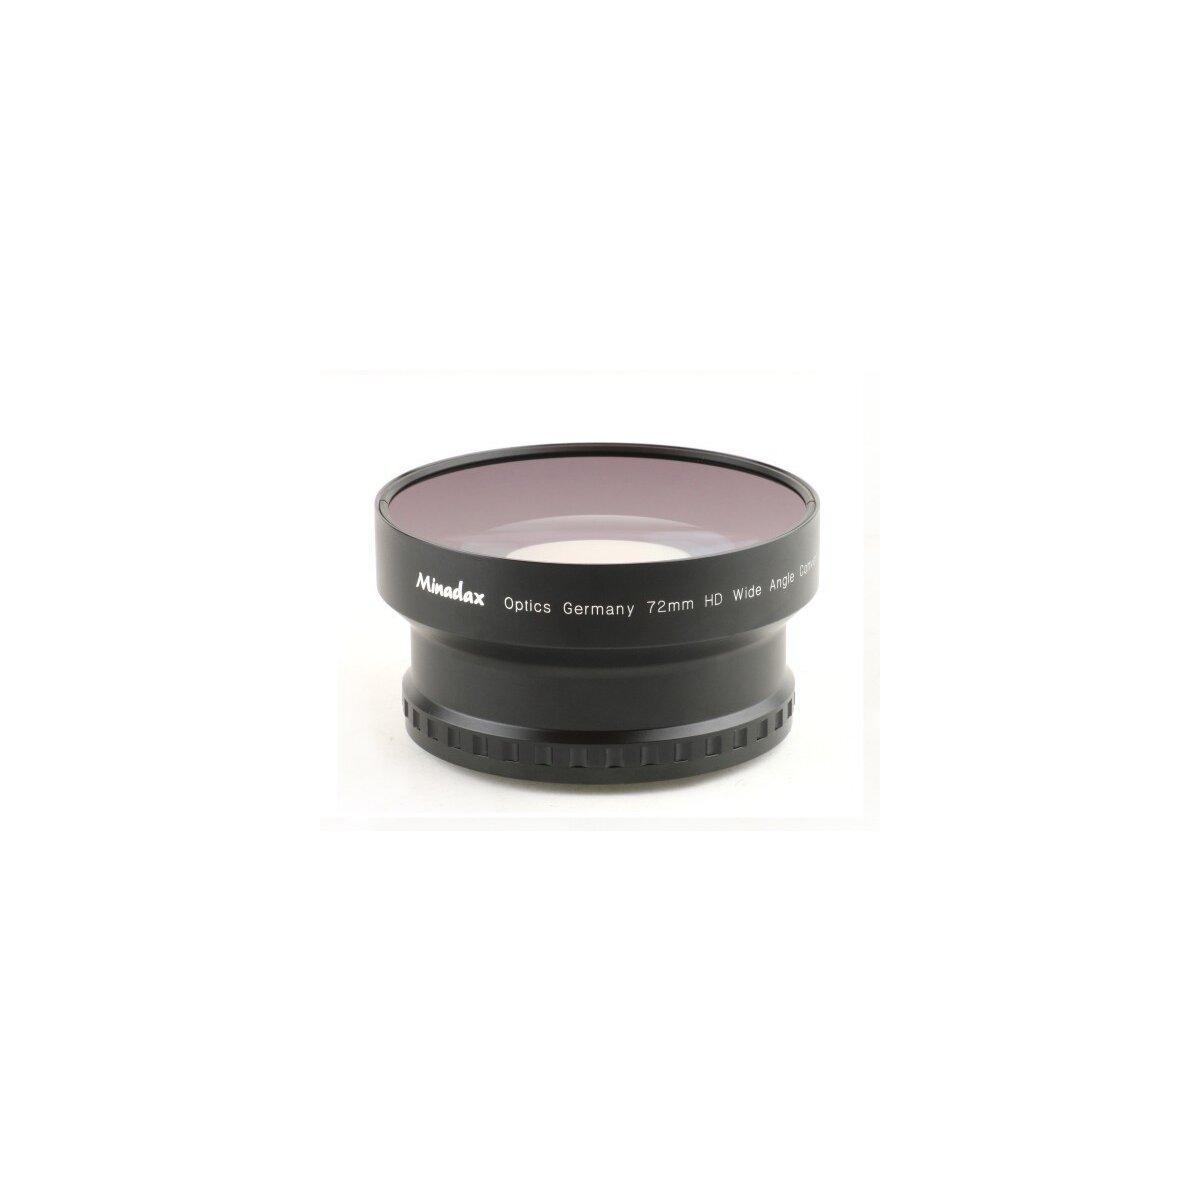 0.7x Minadax HD Weitwinkel Objektiv Vorsatz für Canon XH A1, XH A1s, XH G1, XH G1s, XL1, XL1s, XL2, XL2s, XL H1, XL H1A, XL H1S (Voll durchzoombar)